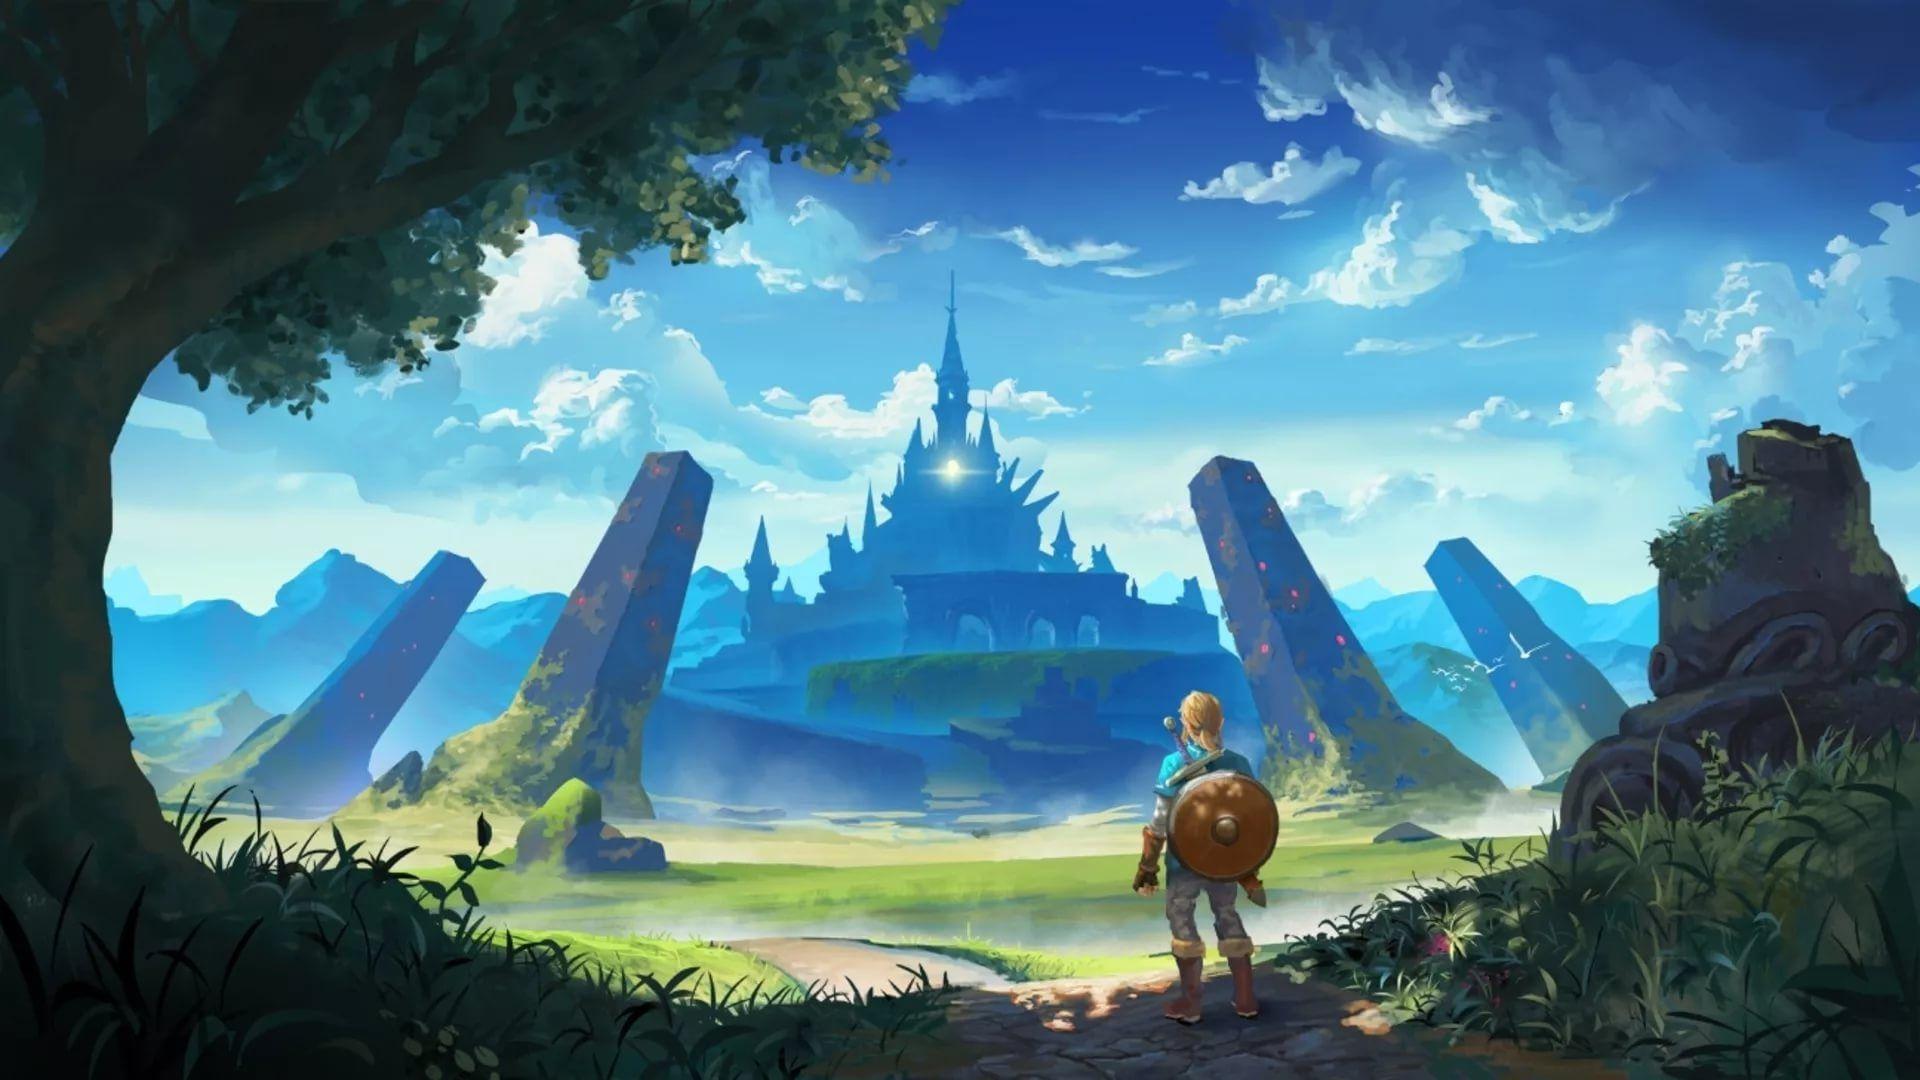 Zelda Live beautiful wallpaper